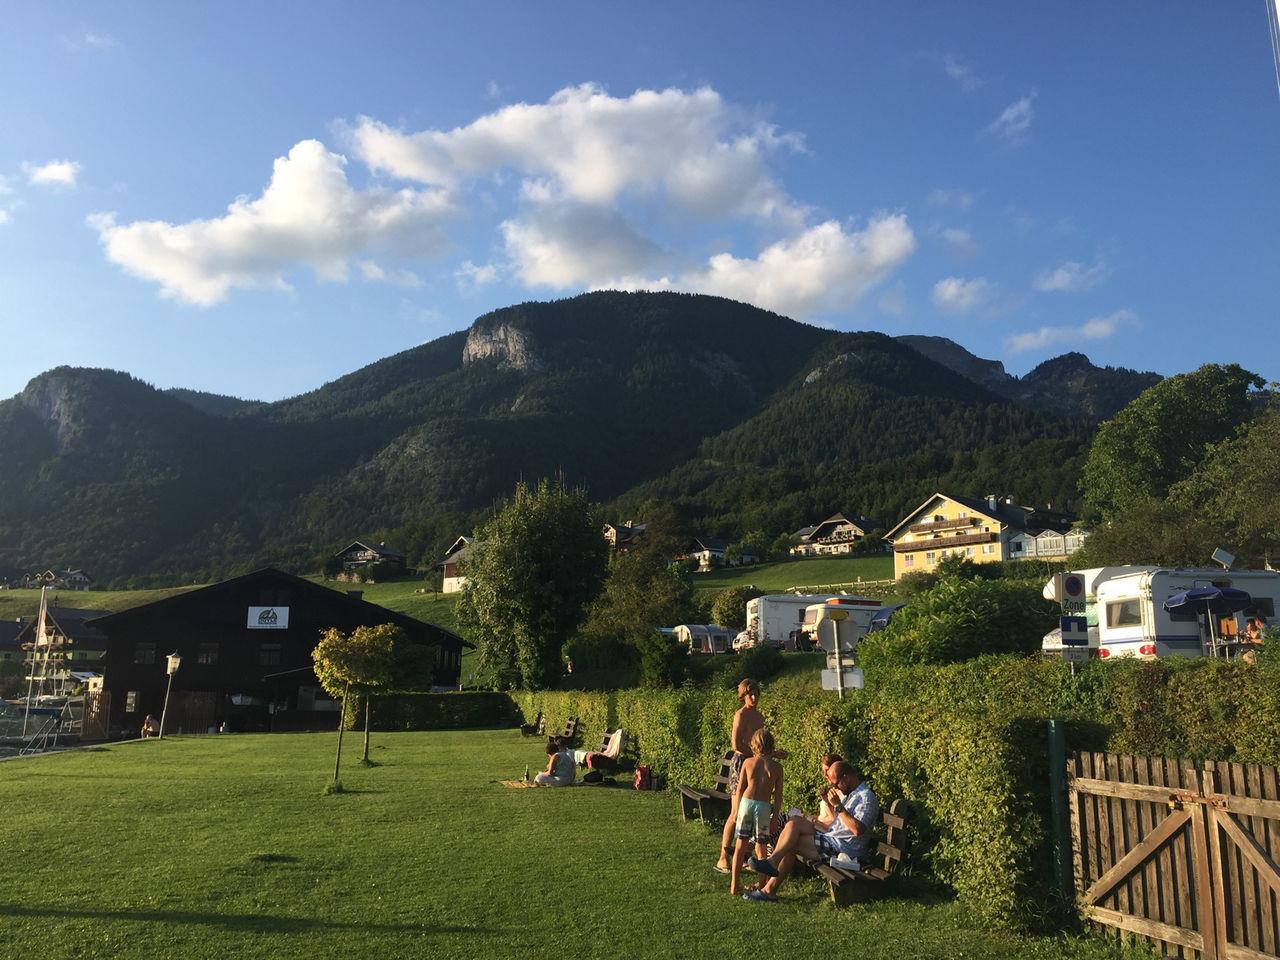 슬로페니아의 피란,<br>오스트리아의 잘츠캄머굿.<br>휴양이란 이런 것이다.<br>유럽의 휴양지란 바로 이런 곳이다.